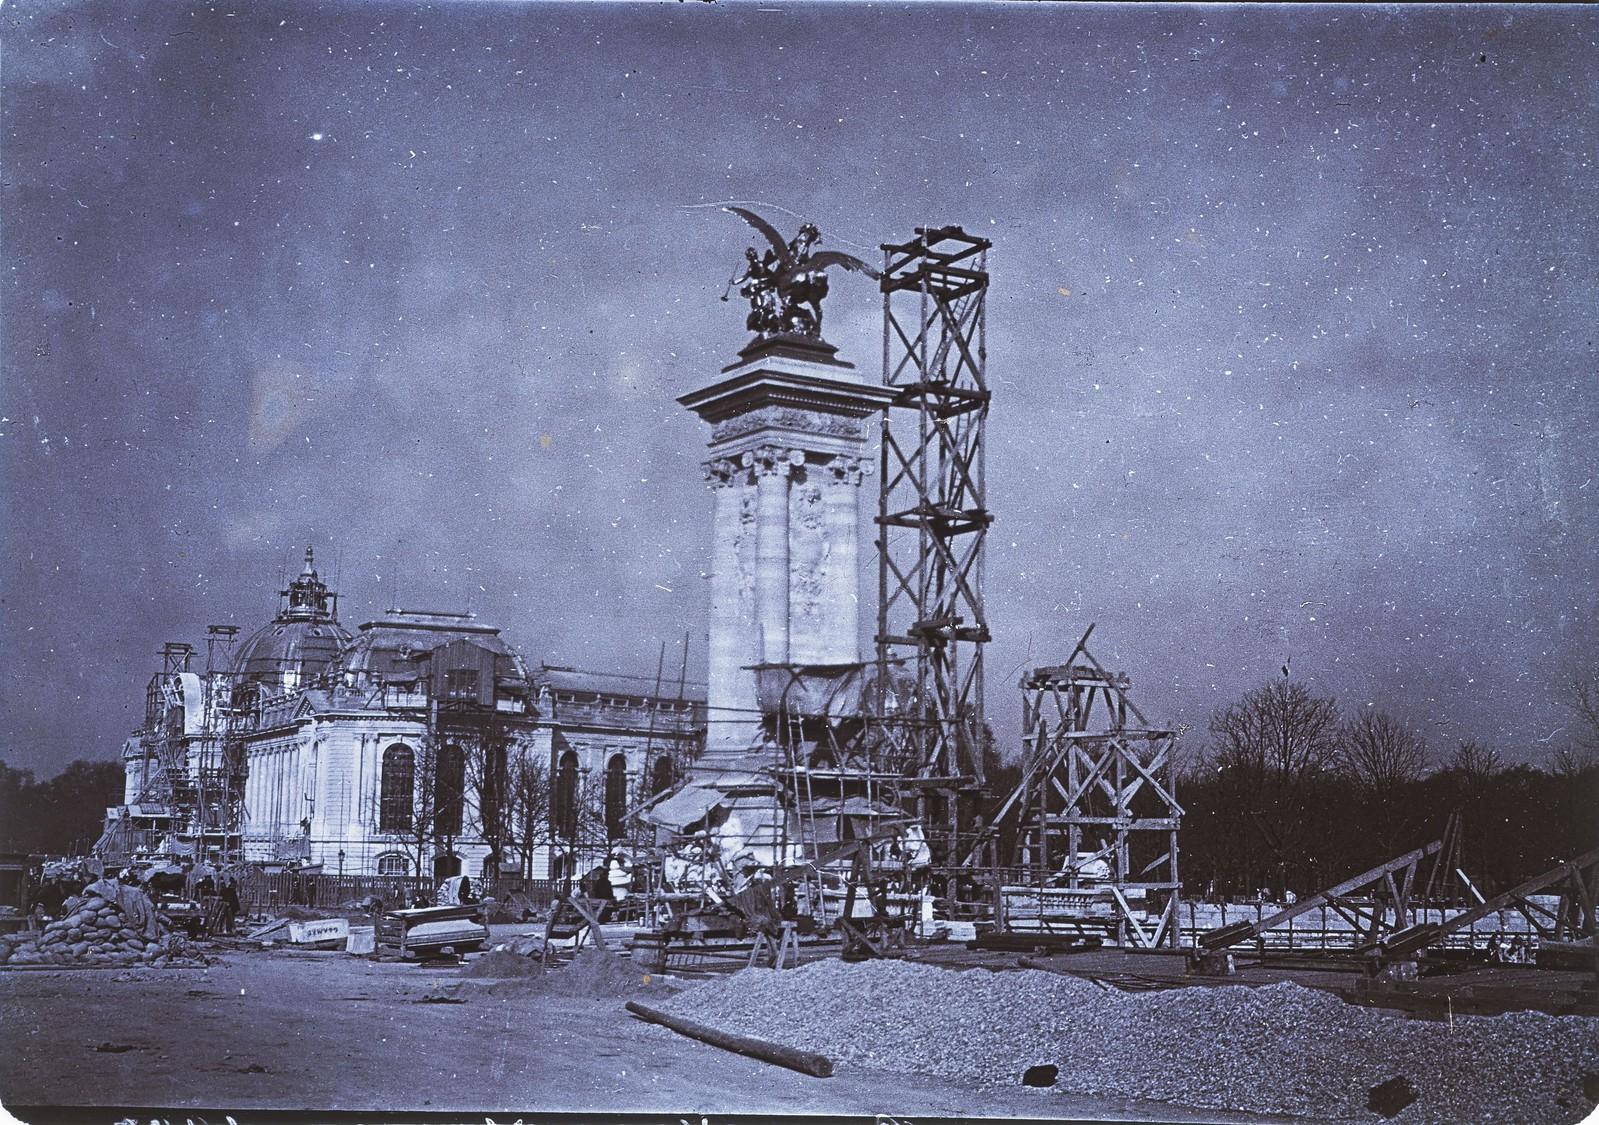 02. Строительные леса перед одной из колонн моста Александра III, а также перед Большим дворцом